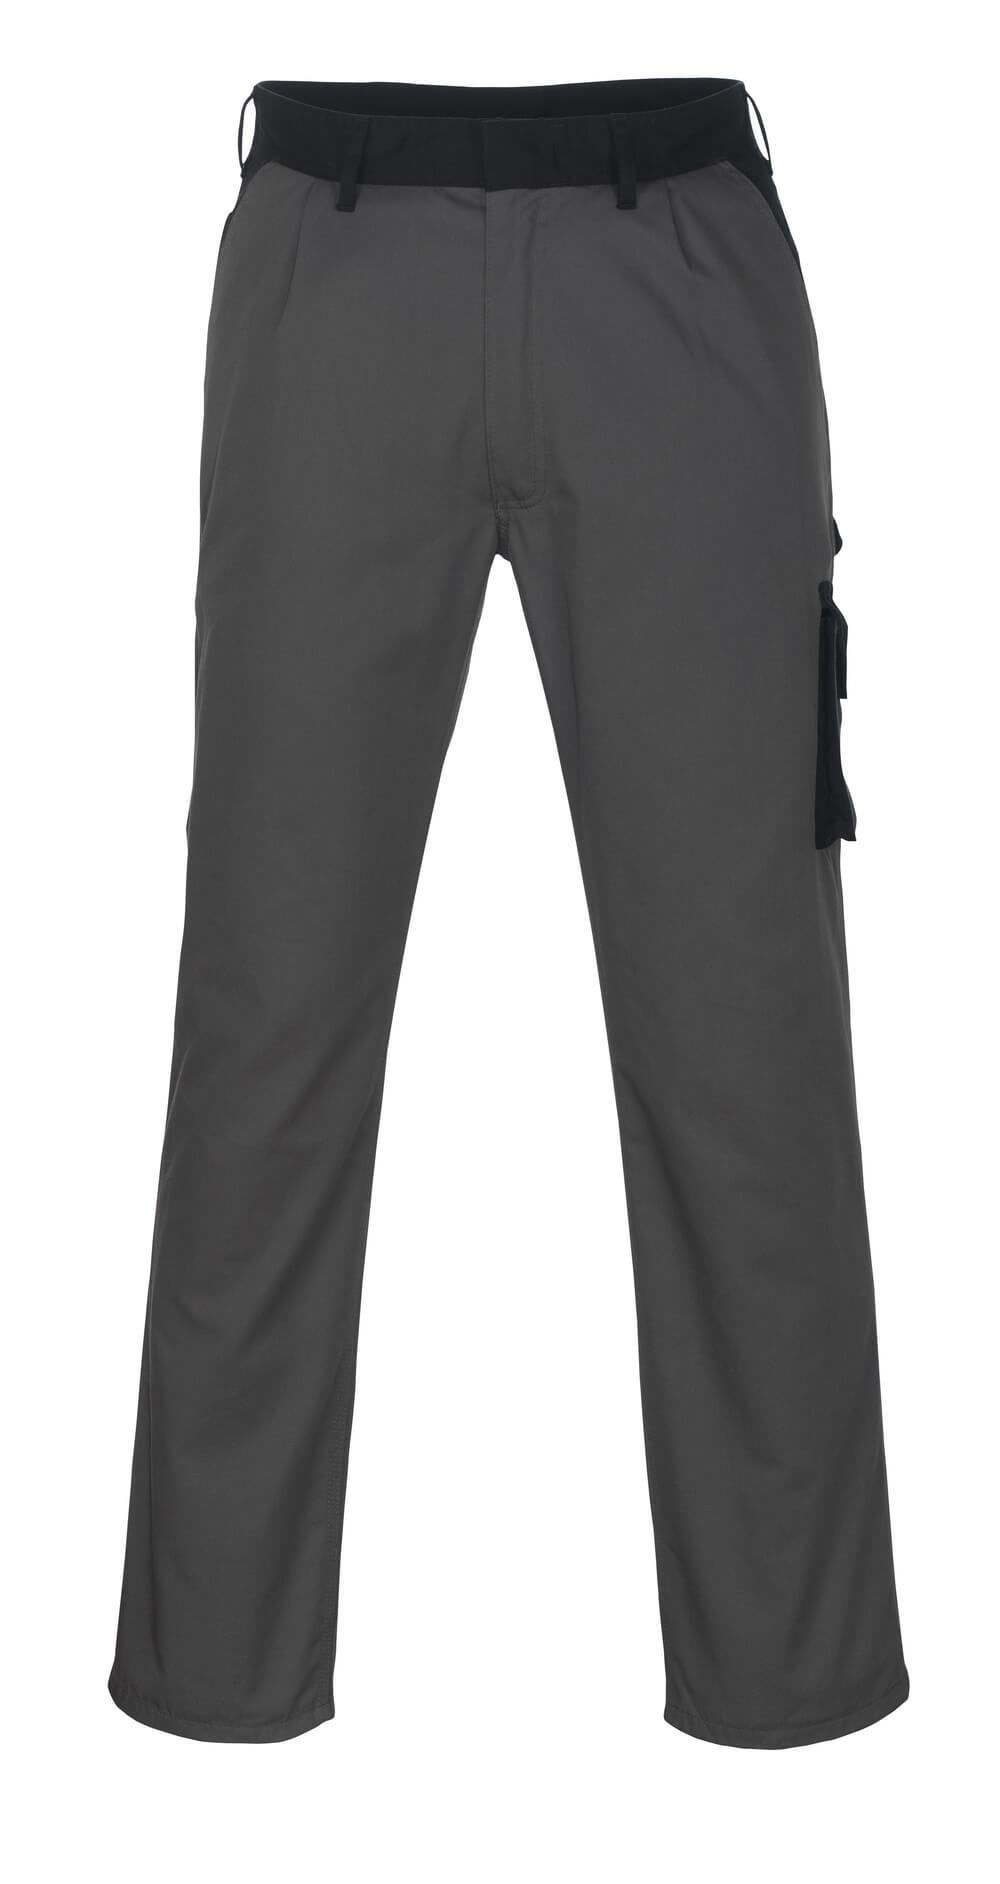 08779-442-8889 Spodnie z kieszeniami na udach - antracyt/czerń